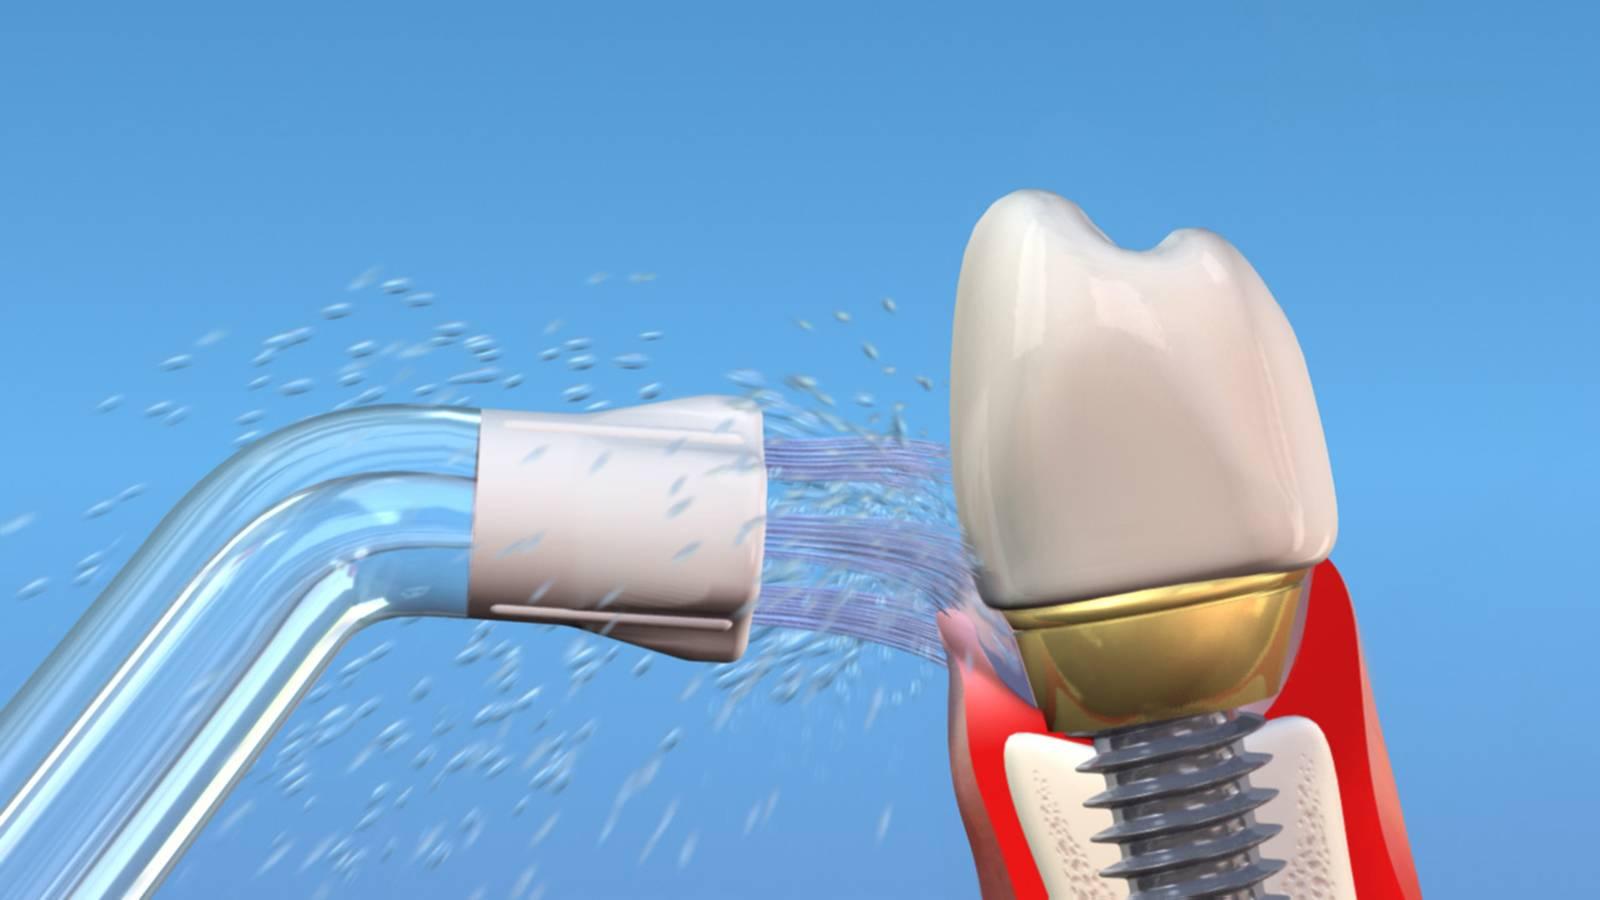 Рекомендации по уходу за имплантами зубов после установки и во время эксплуатации